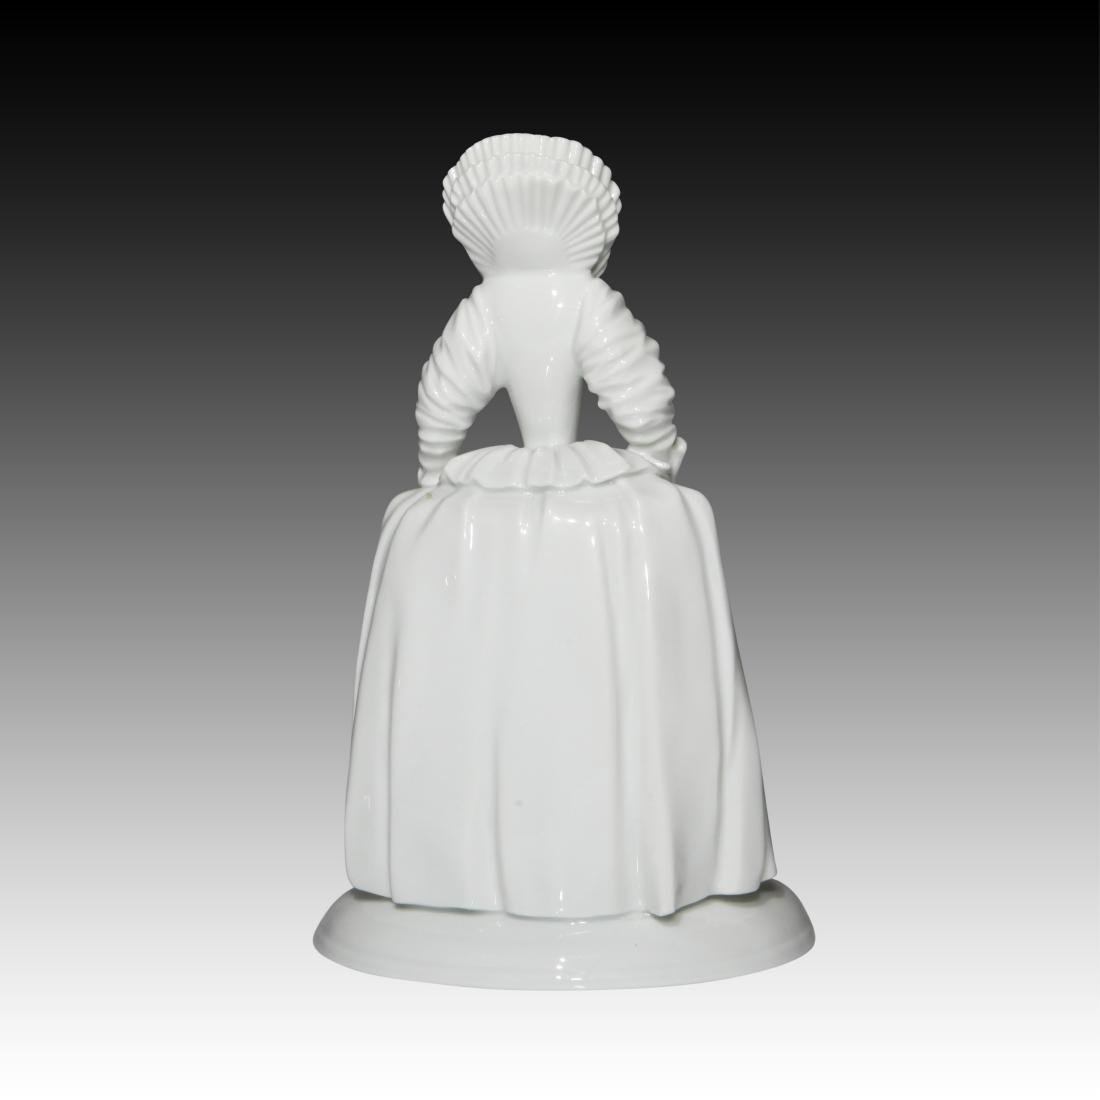 Wein Blanc de Chine Period Figurine - 2